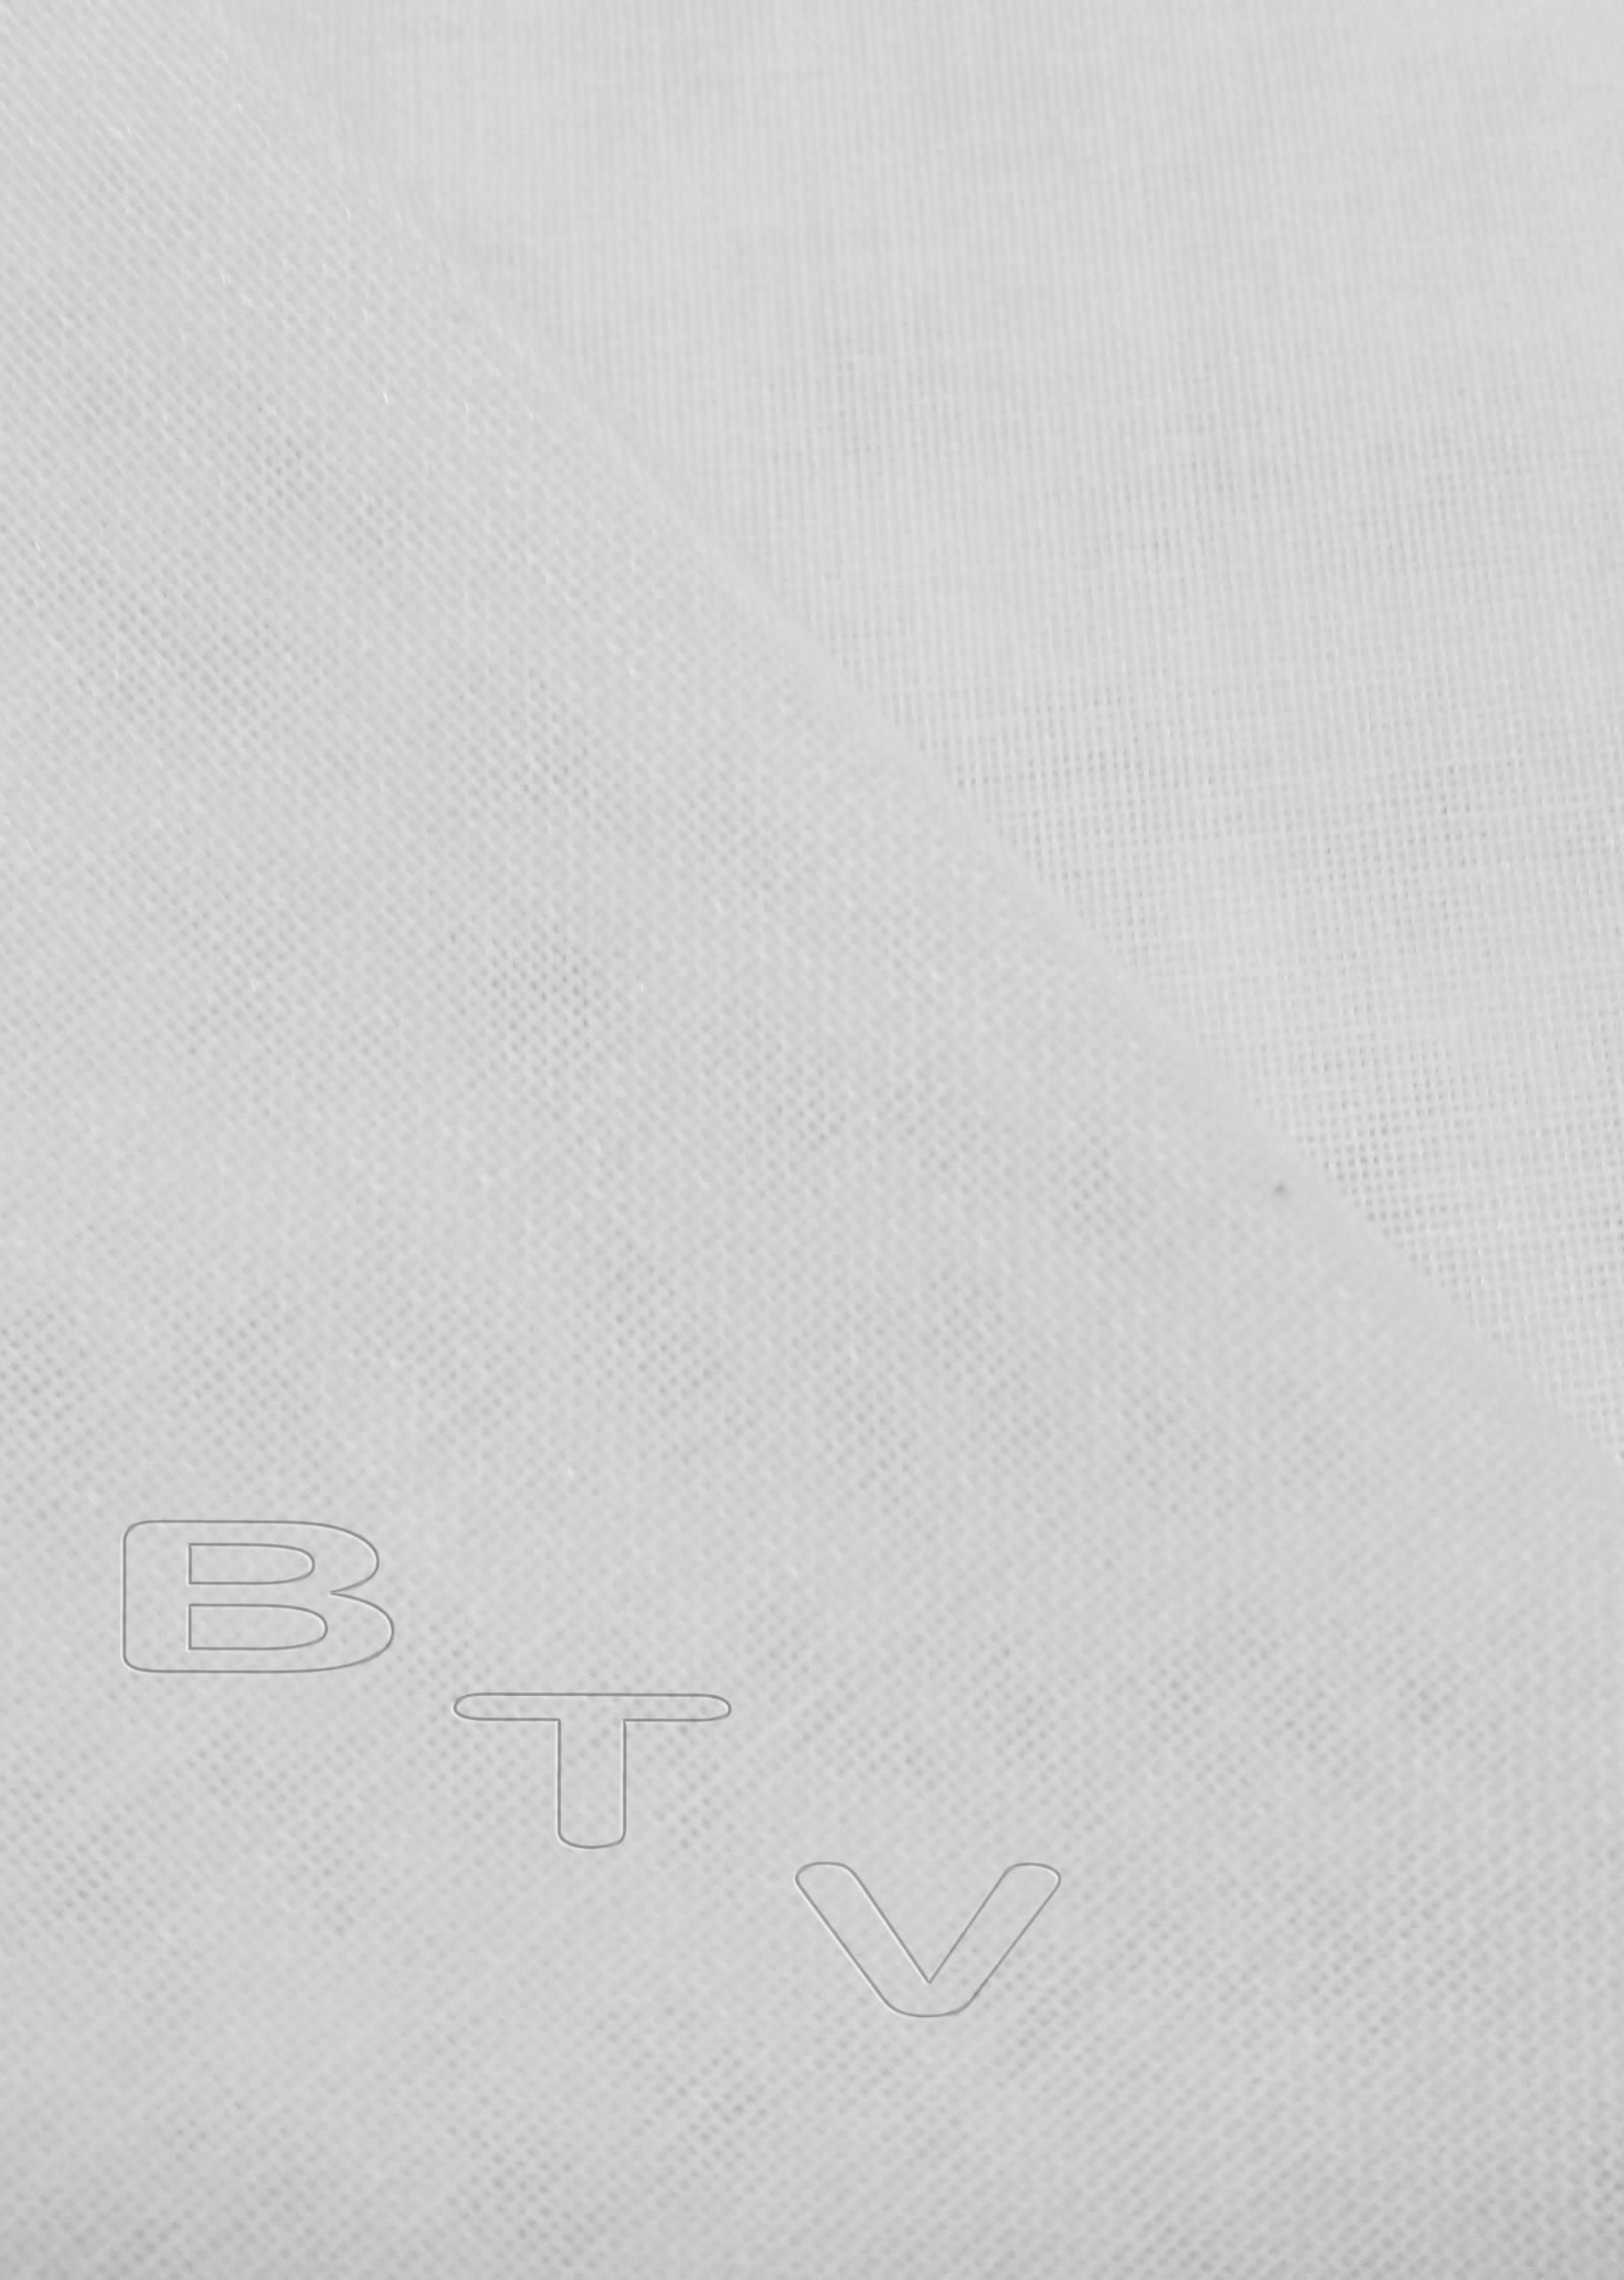 Plain fabrics Navia: Optical White and Natural White